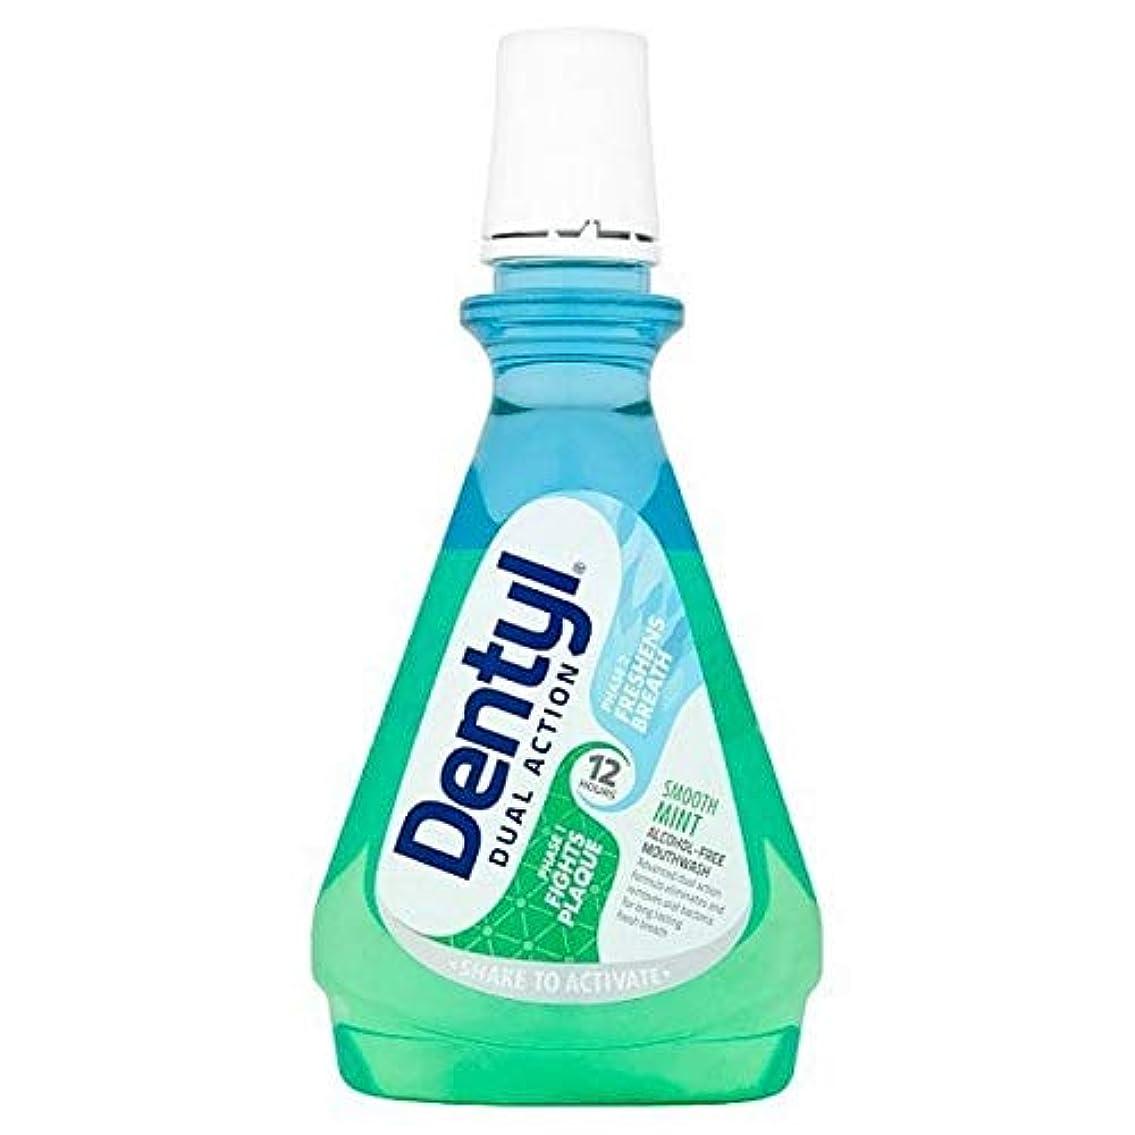 踏みつけ鈍い家禽[Dentyl] DentylのPhはミントアルコールフリーのミントマウスウォッシュ500ミリリットル - Dentyl PH Mint Alcohol Free Mint Mouthwash 500ml [並行輸入品]